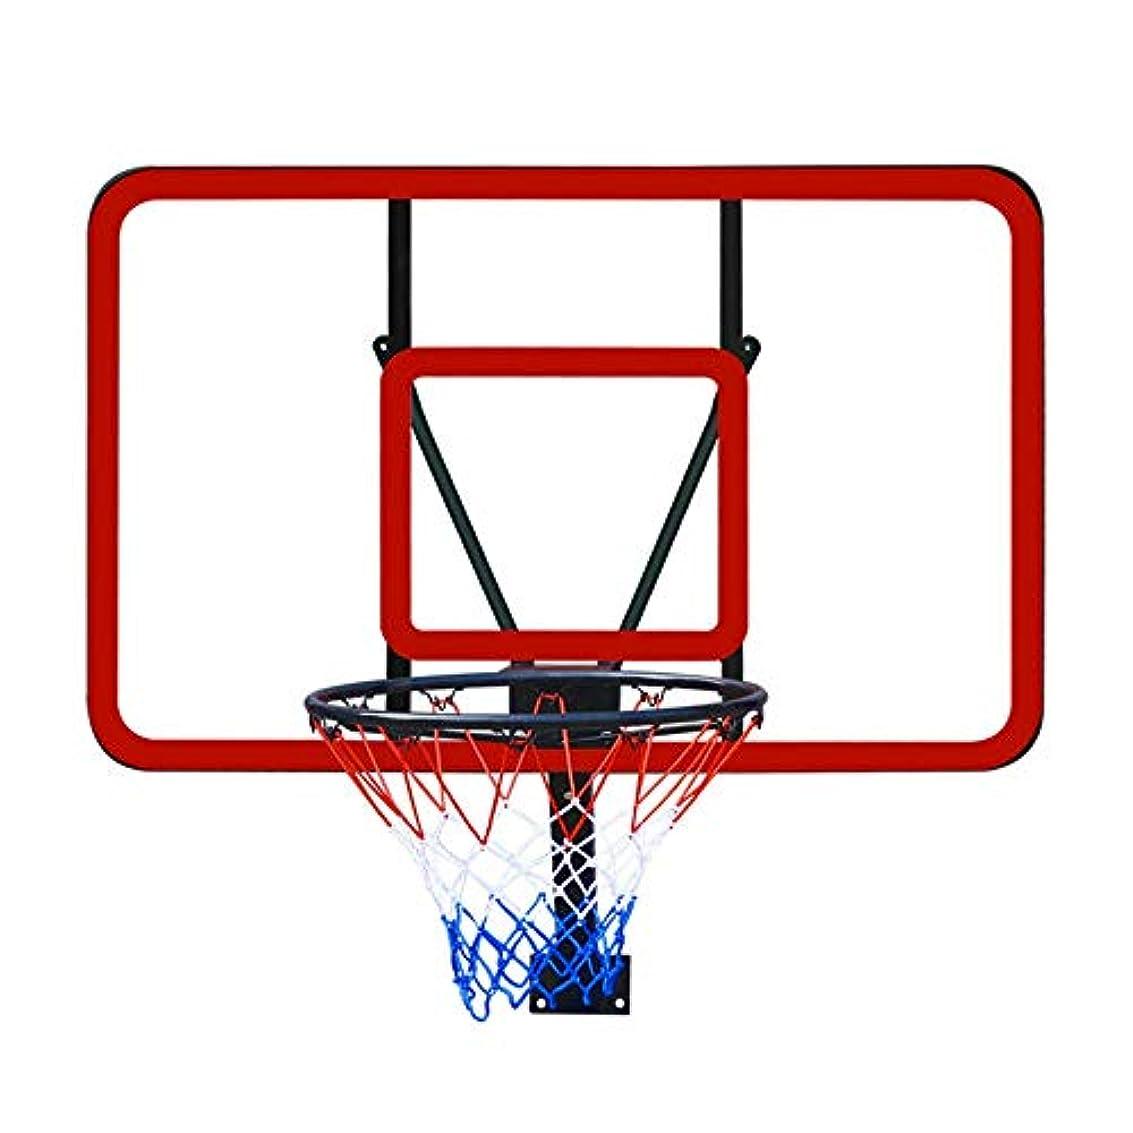 名誉自明ステーキ子供用 ミニバスケットボール ポータブルアジャスタブル子供のバスケットボールは男子のためのアウトドアスポーツのおもちゃスタンド 室内 屋外用 (色 : Black, Size : One size)